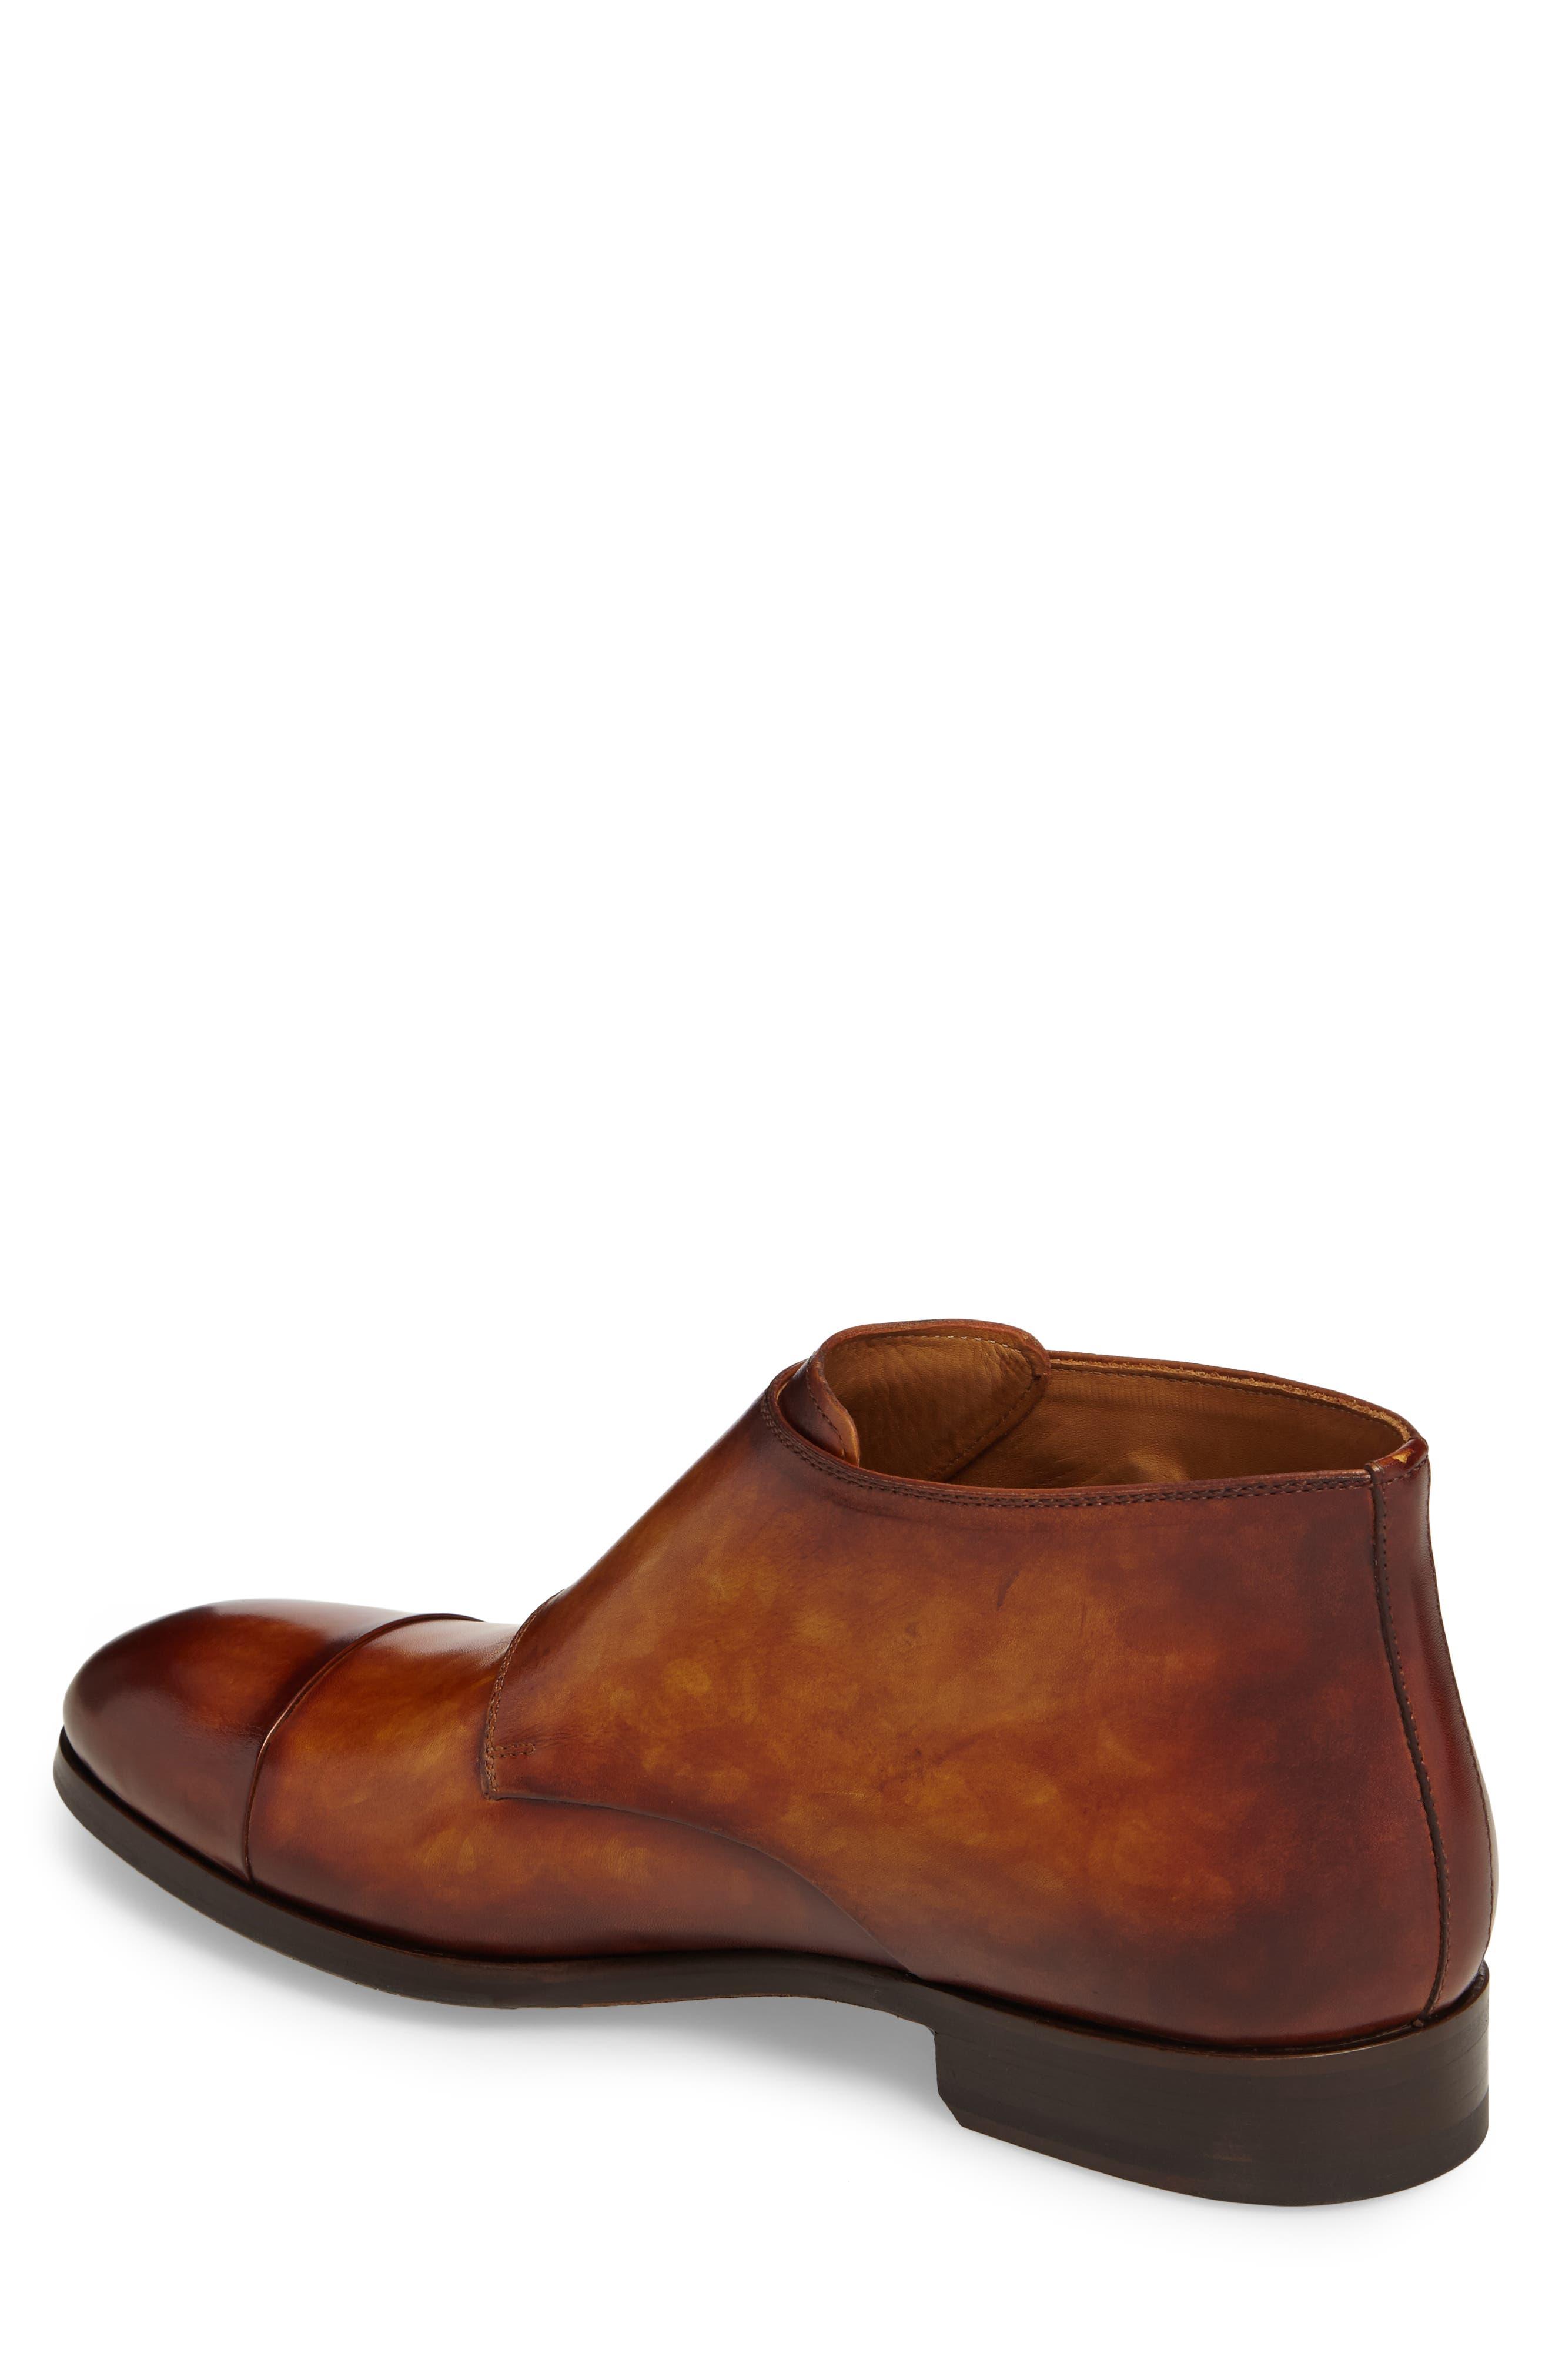 Lavar Double Monk Strap Boot,                             Alternate thumbnail 2, color,                             210